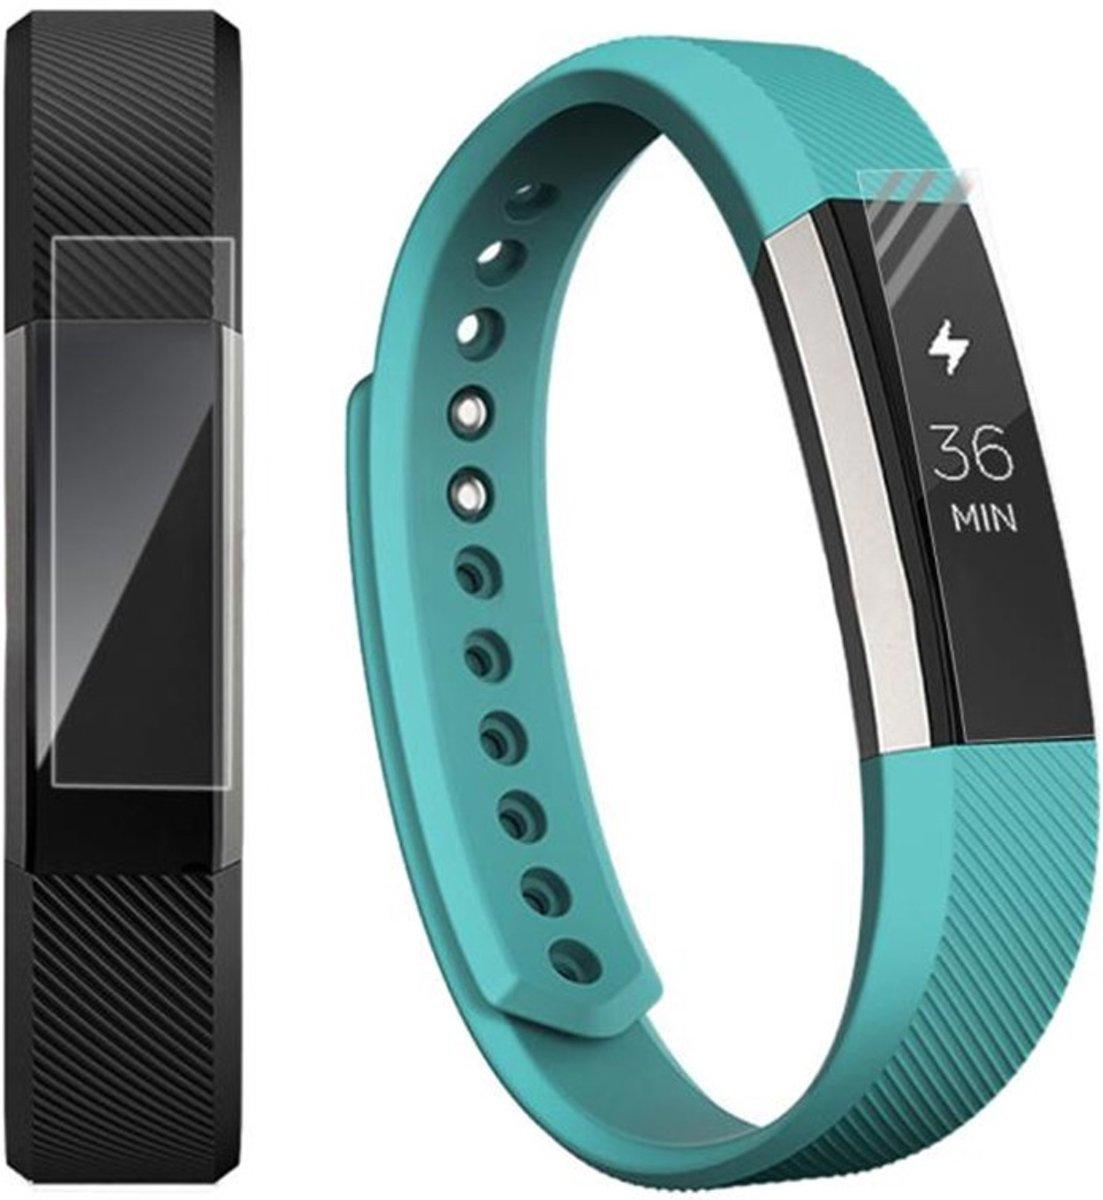 5X Screenprotector Voor De Fitbit Alta & Alta HR - Screen Bescherming Protector kopen